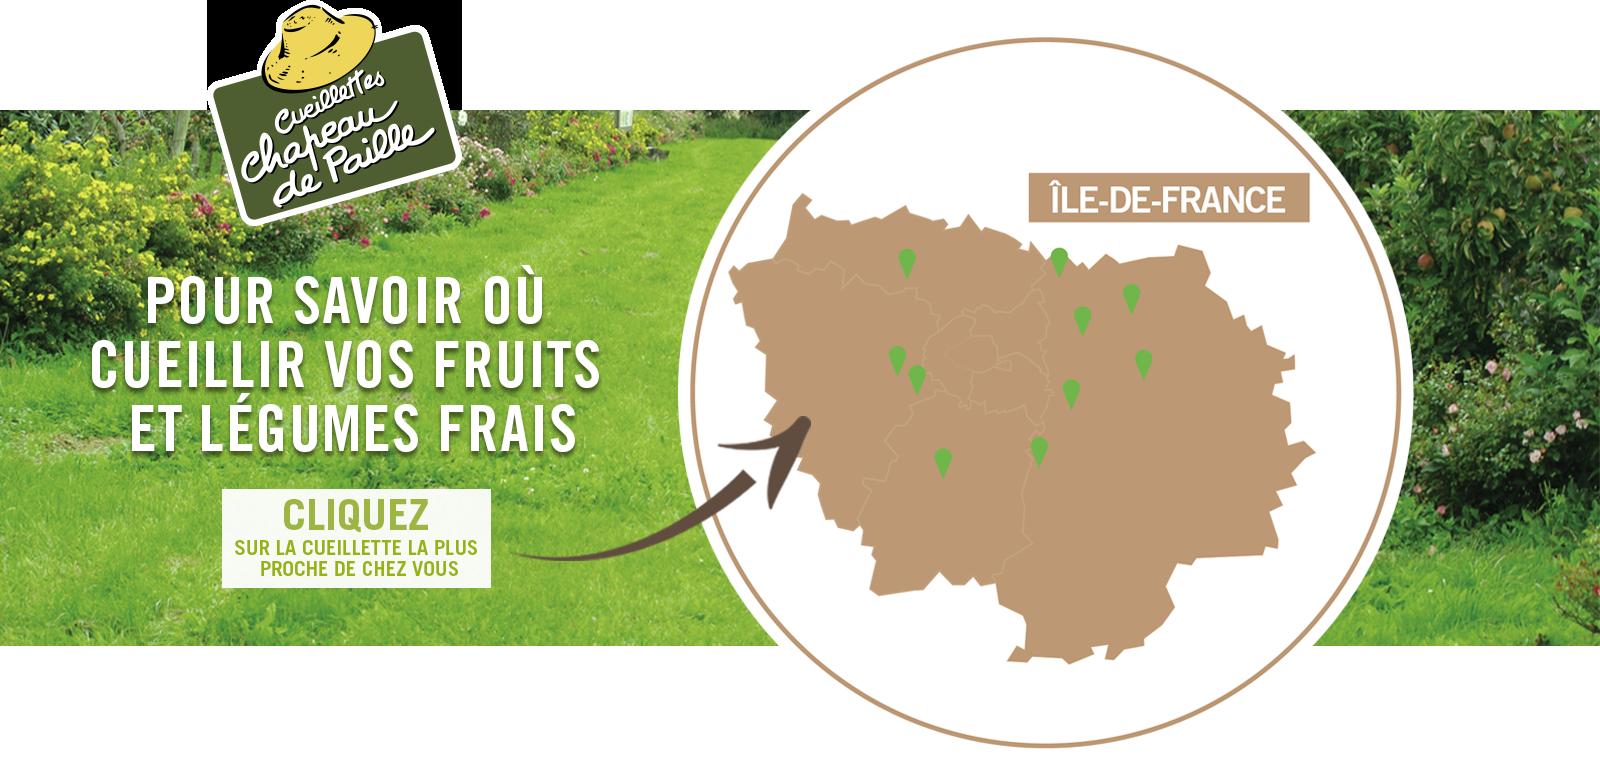 Carte de l'ile de France : Venez cueillir vos fruits et légumes frais, fraises, salades, tomates, courgettes, pommes, courges